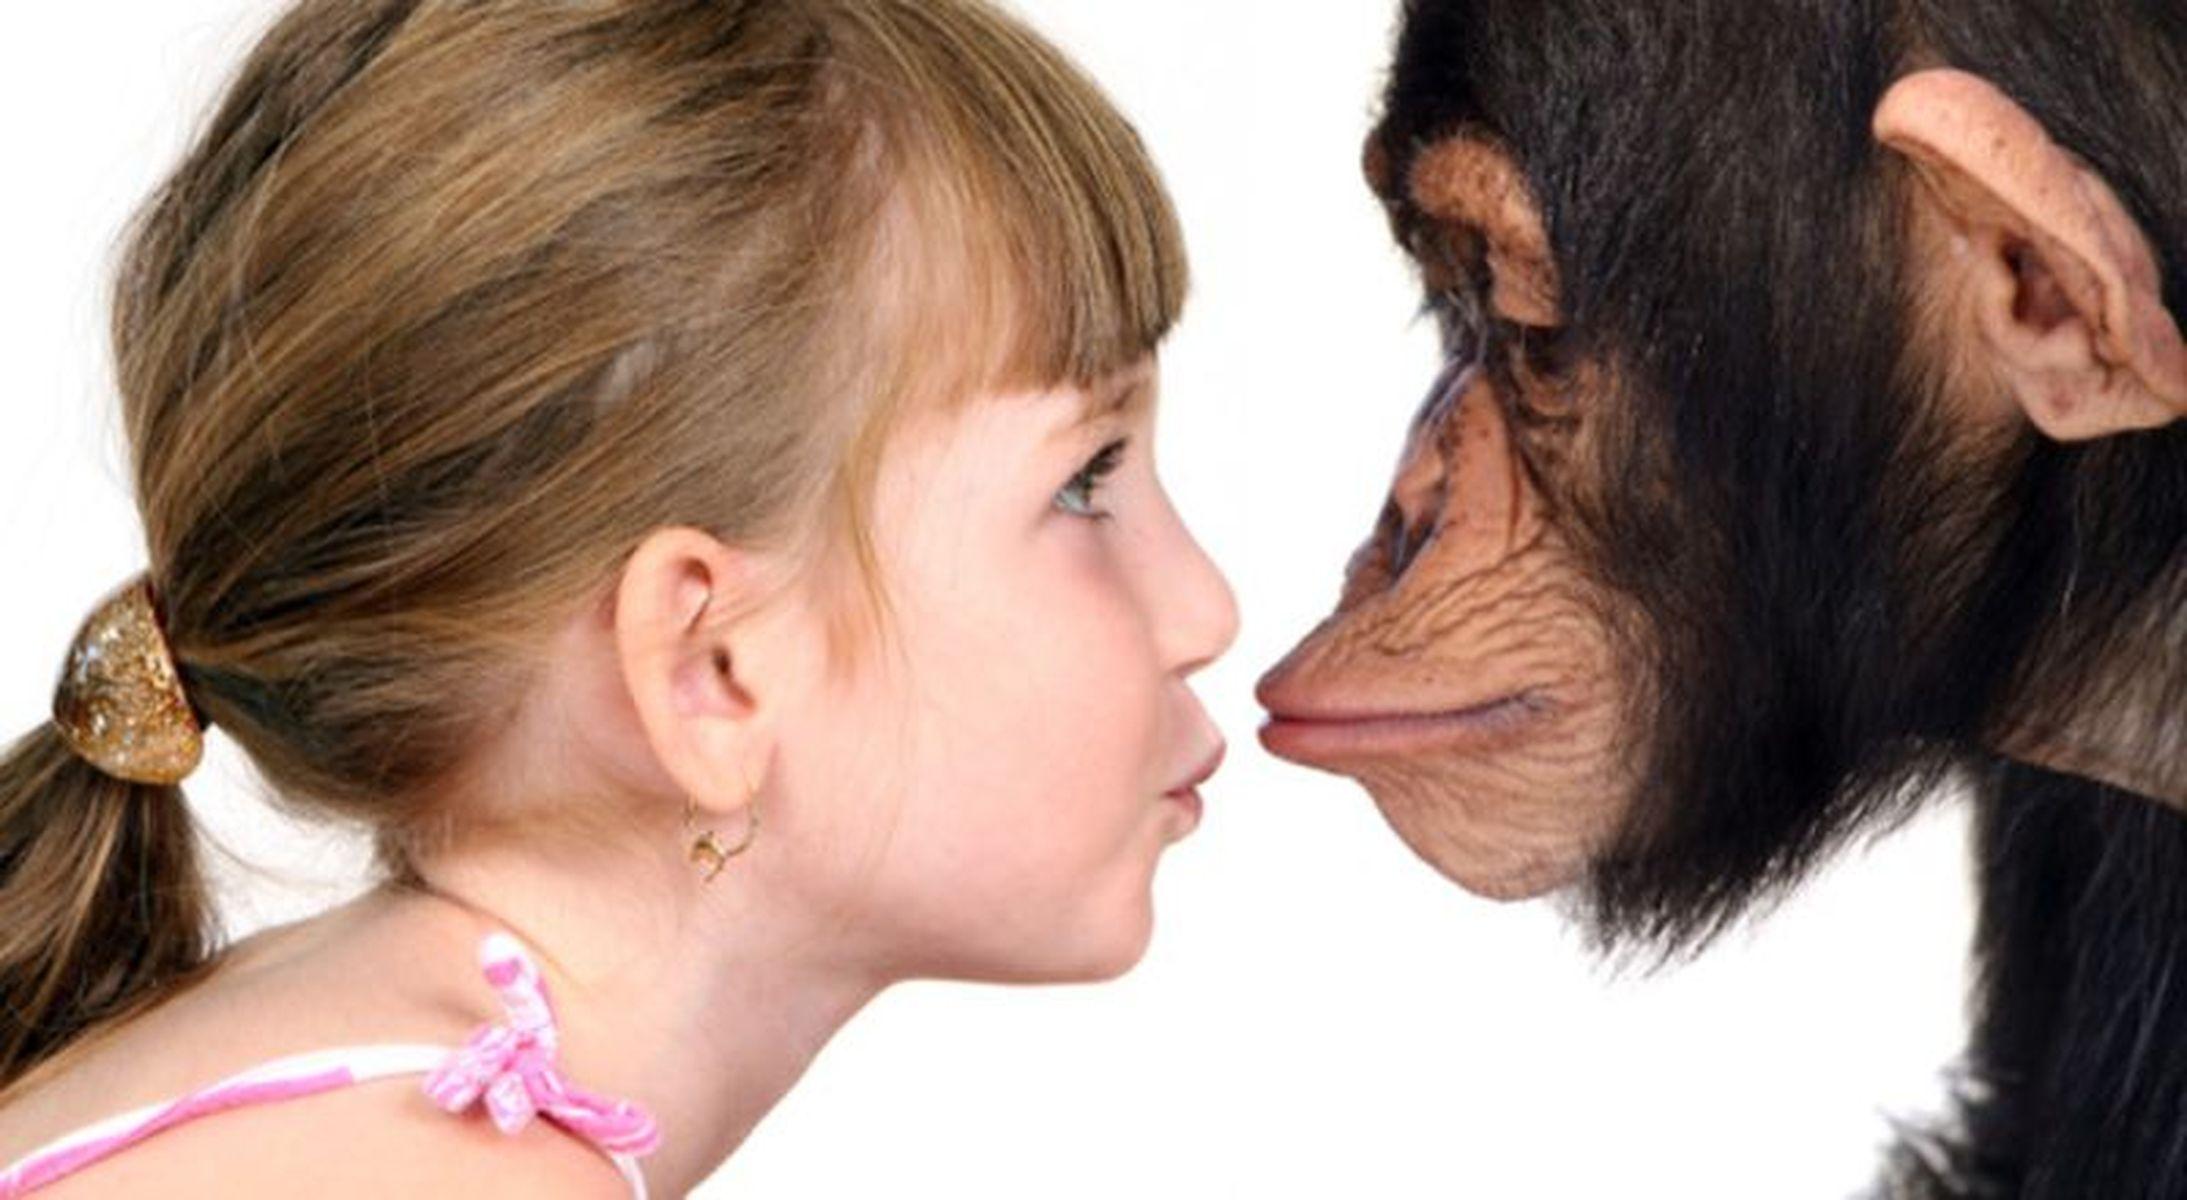 человек и обезьяна фото для